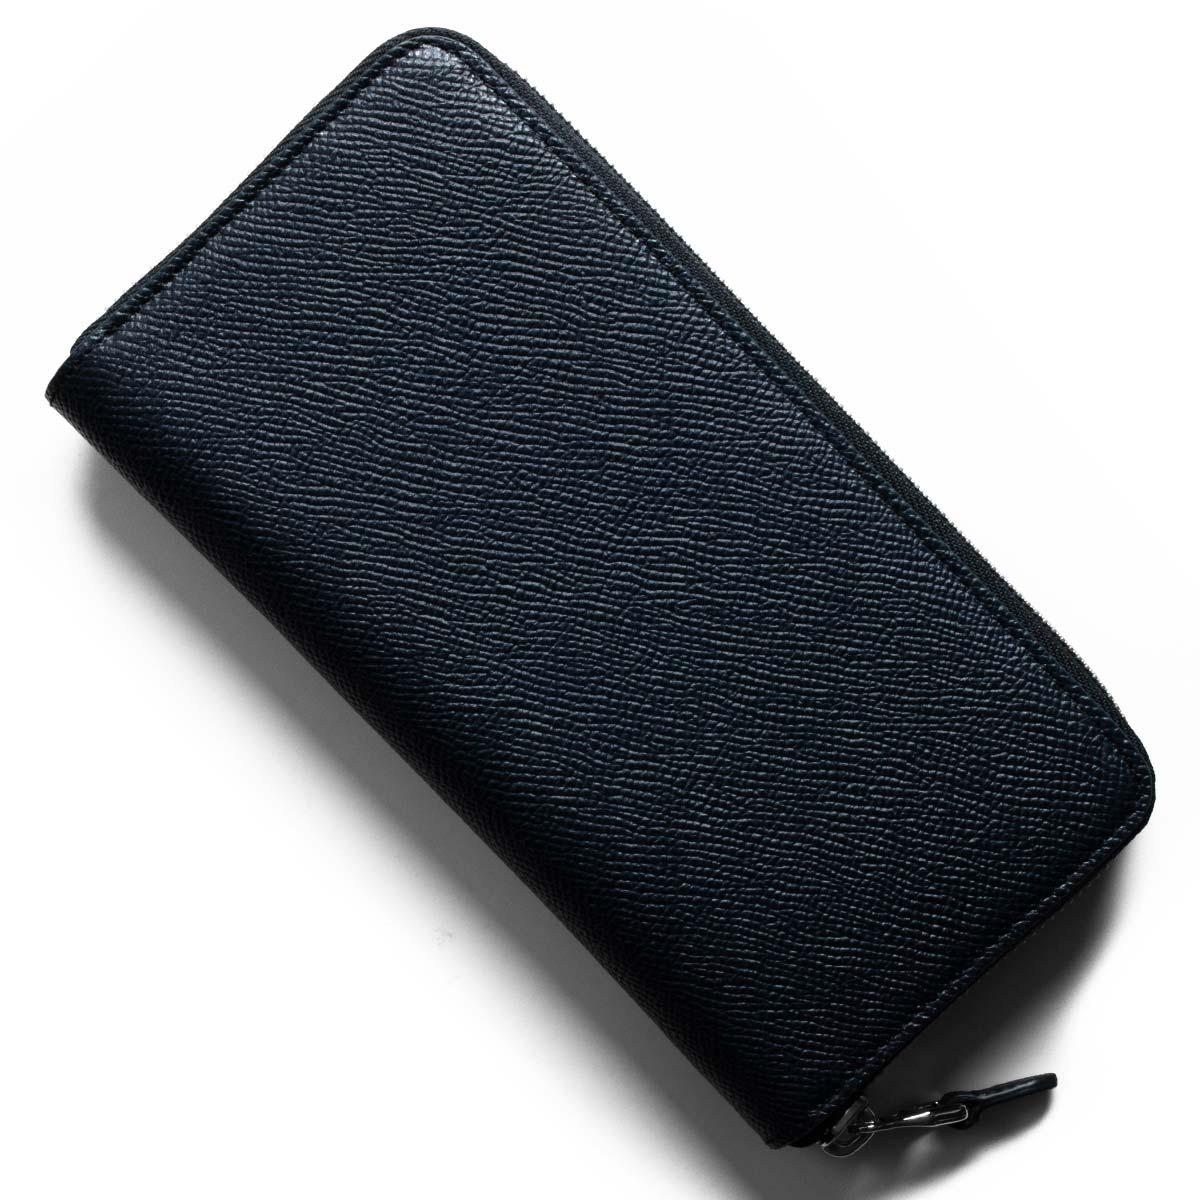 ダンヒル 長財布 財布 メンズ ボードン ネイビー L2W218 N DUNHILL